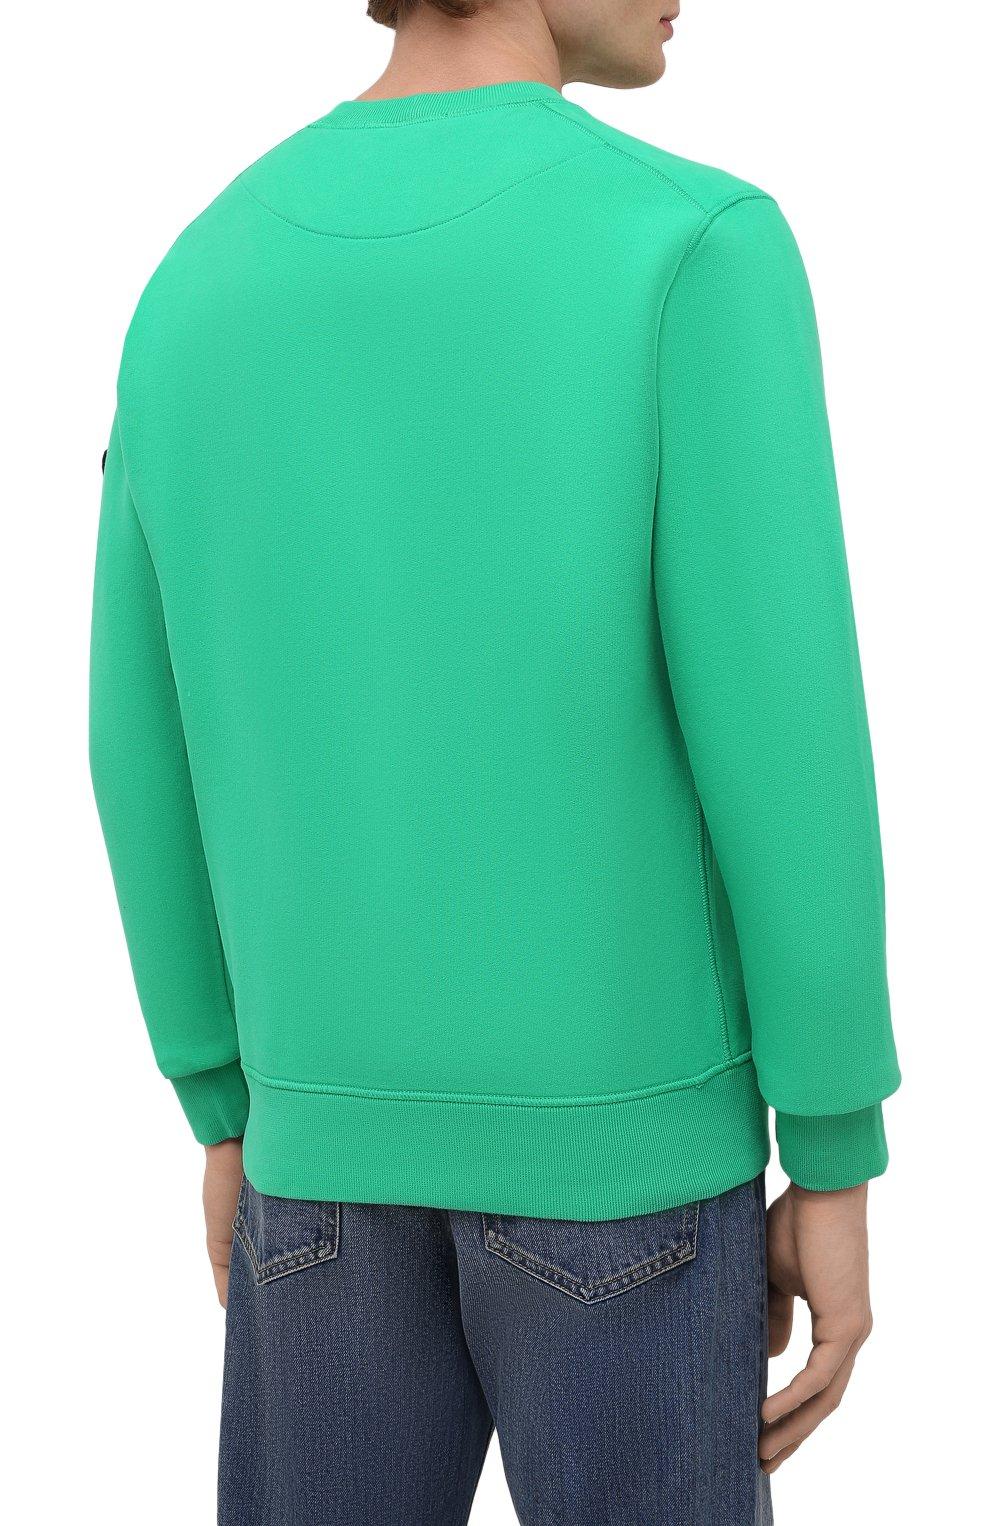 Мужской хлопковый свитшот STONE ISLAND зеленого цвета, арт. 751563020   Фото 4 (Рукава: Длинные; Принт: Без принта; Длина (для топов): Стандартные; Стили: Гранж; Мужское Кросс-КТ: свитшот-одежда; Материал внешний: Хлопок)